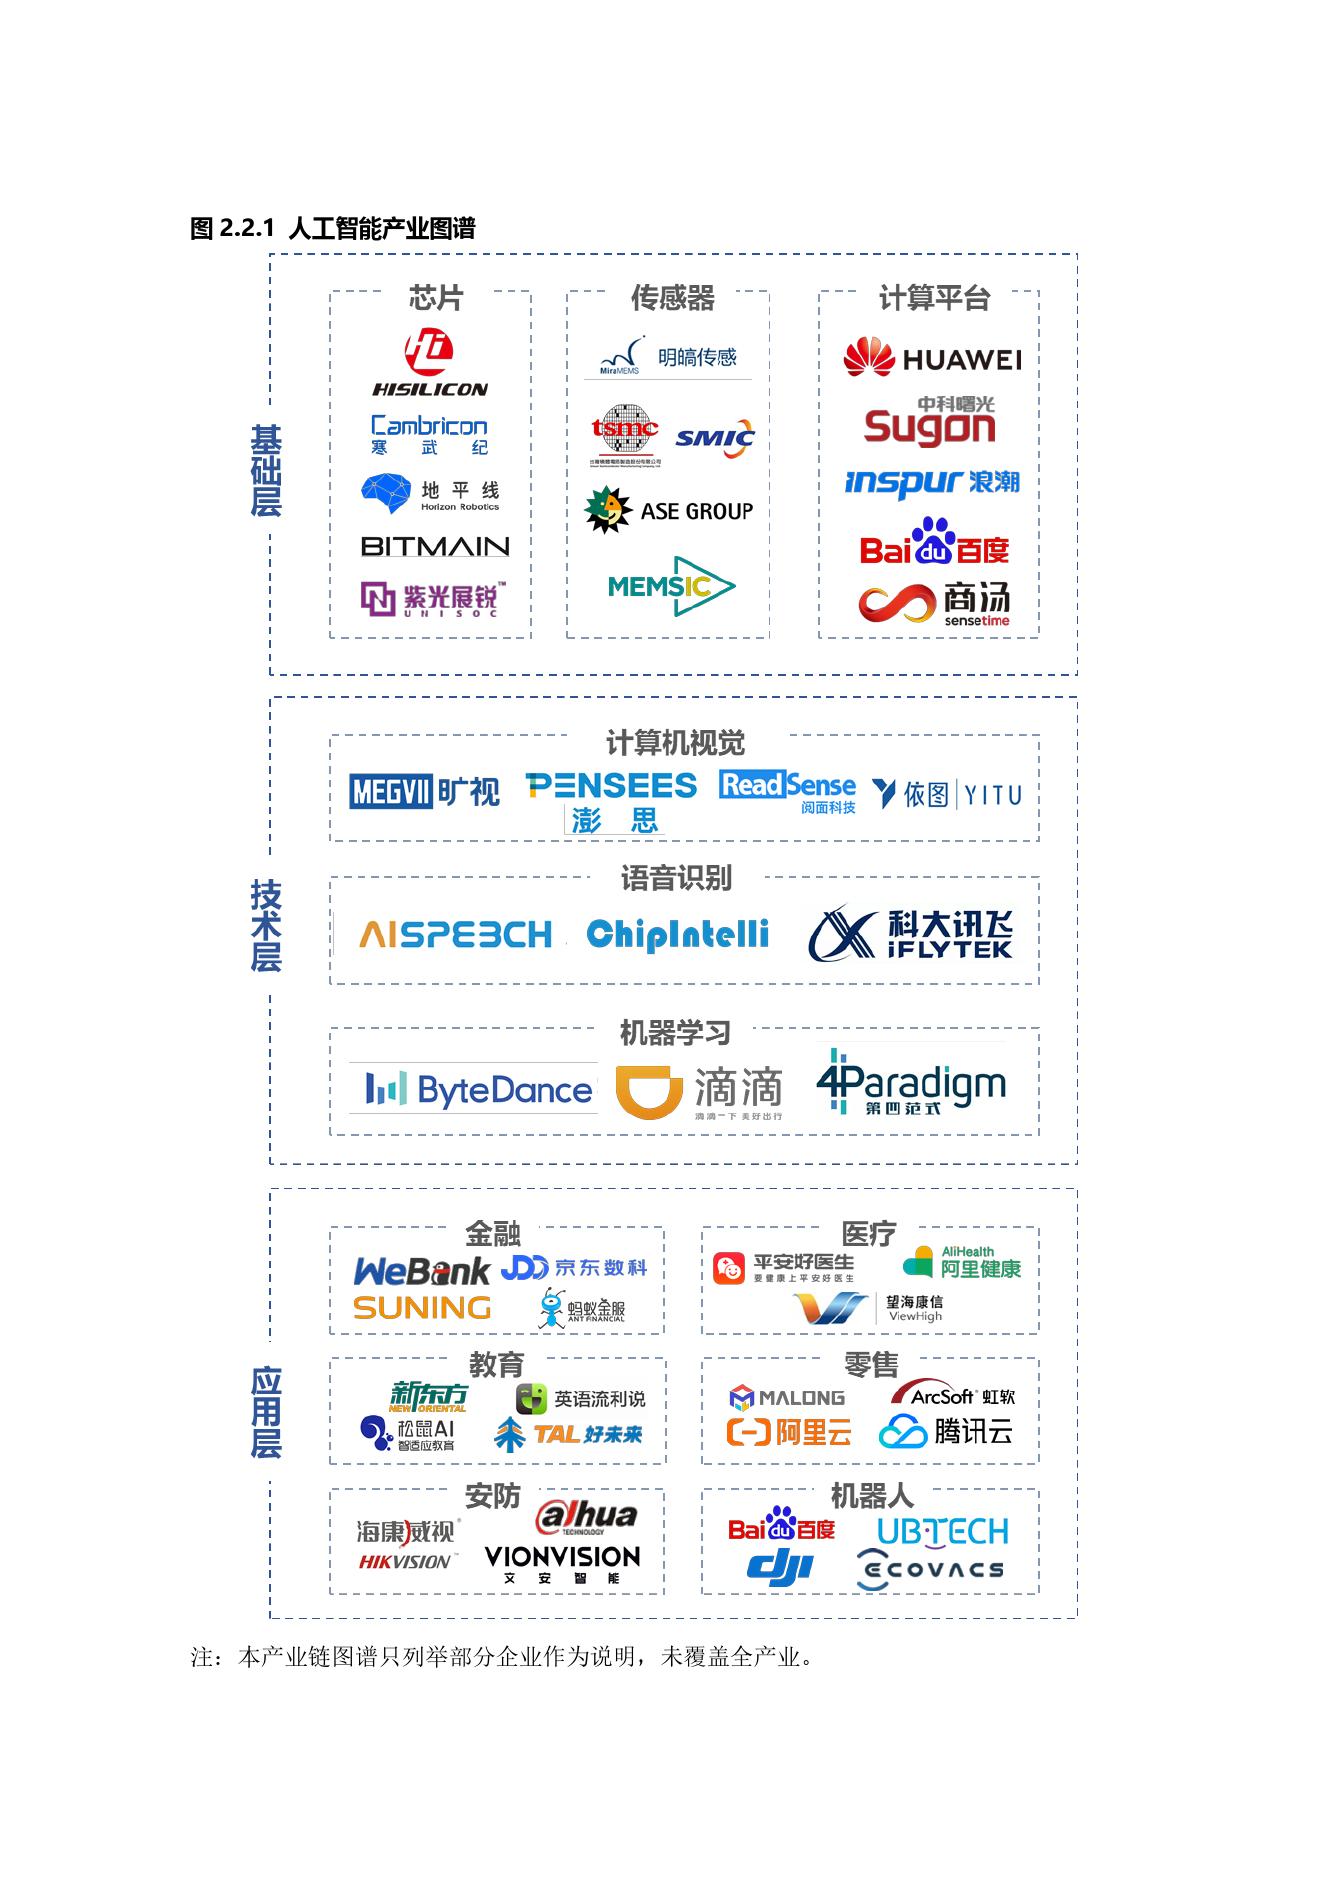 36氪研究院:2020年中国城市人工智能发展指数报告(可下载报告)插图(27)